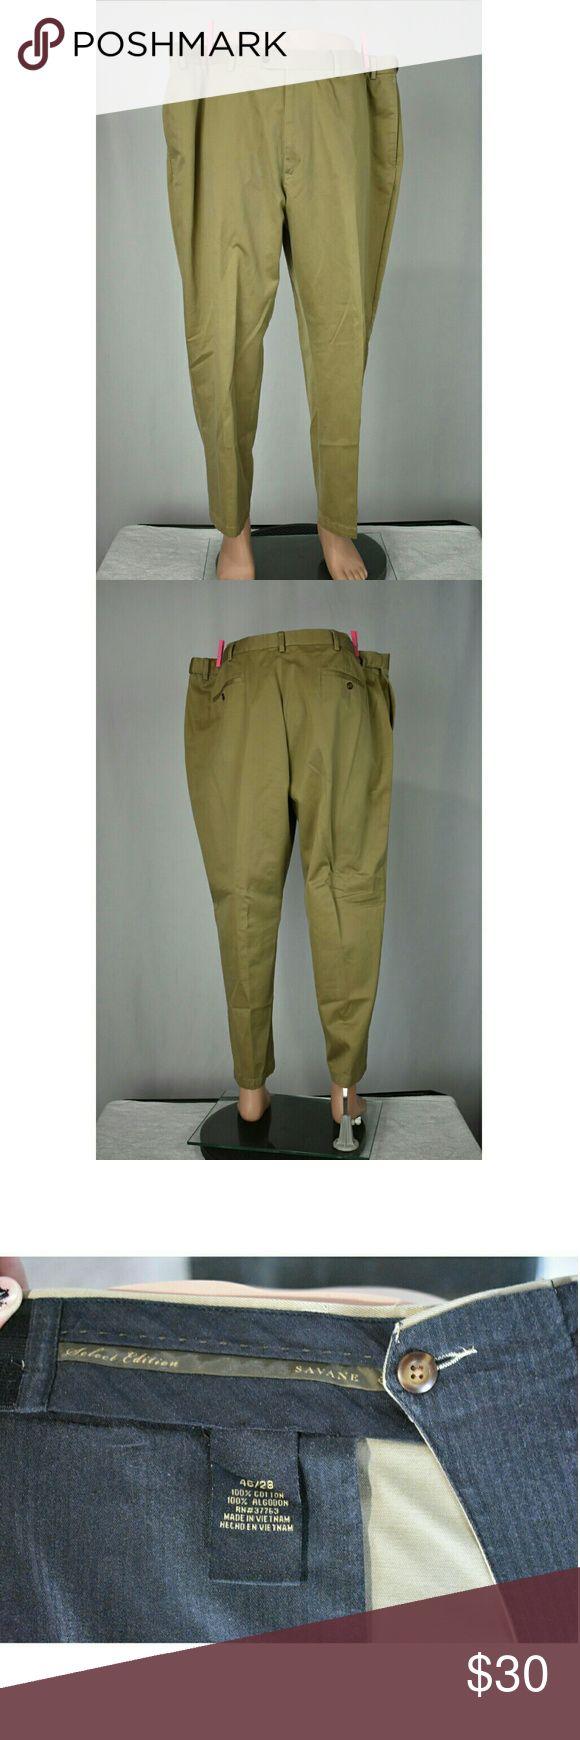 Big Men's Dress Pants 46/28 Brand                   : Savane  Size                      : 46/28 Style                     : Dress Pants Color                    : Tan  Inventory            : B56 Savane Pants Chinos & Khakis